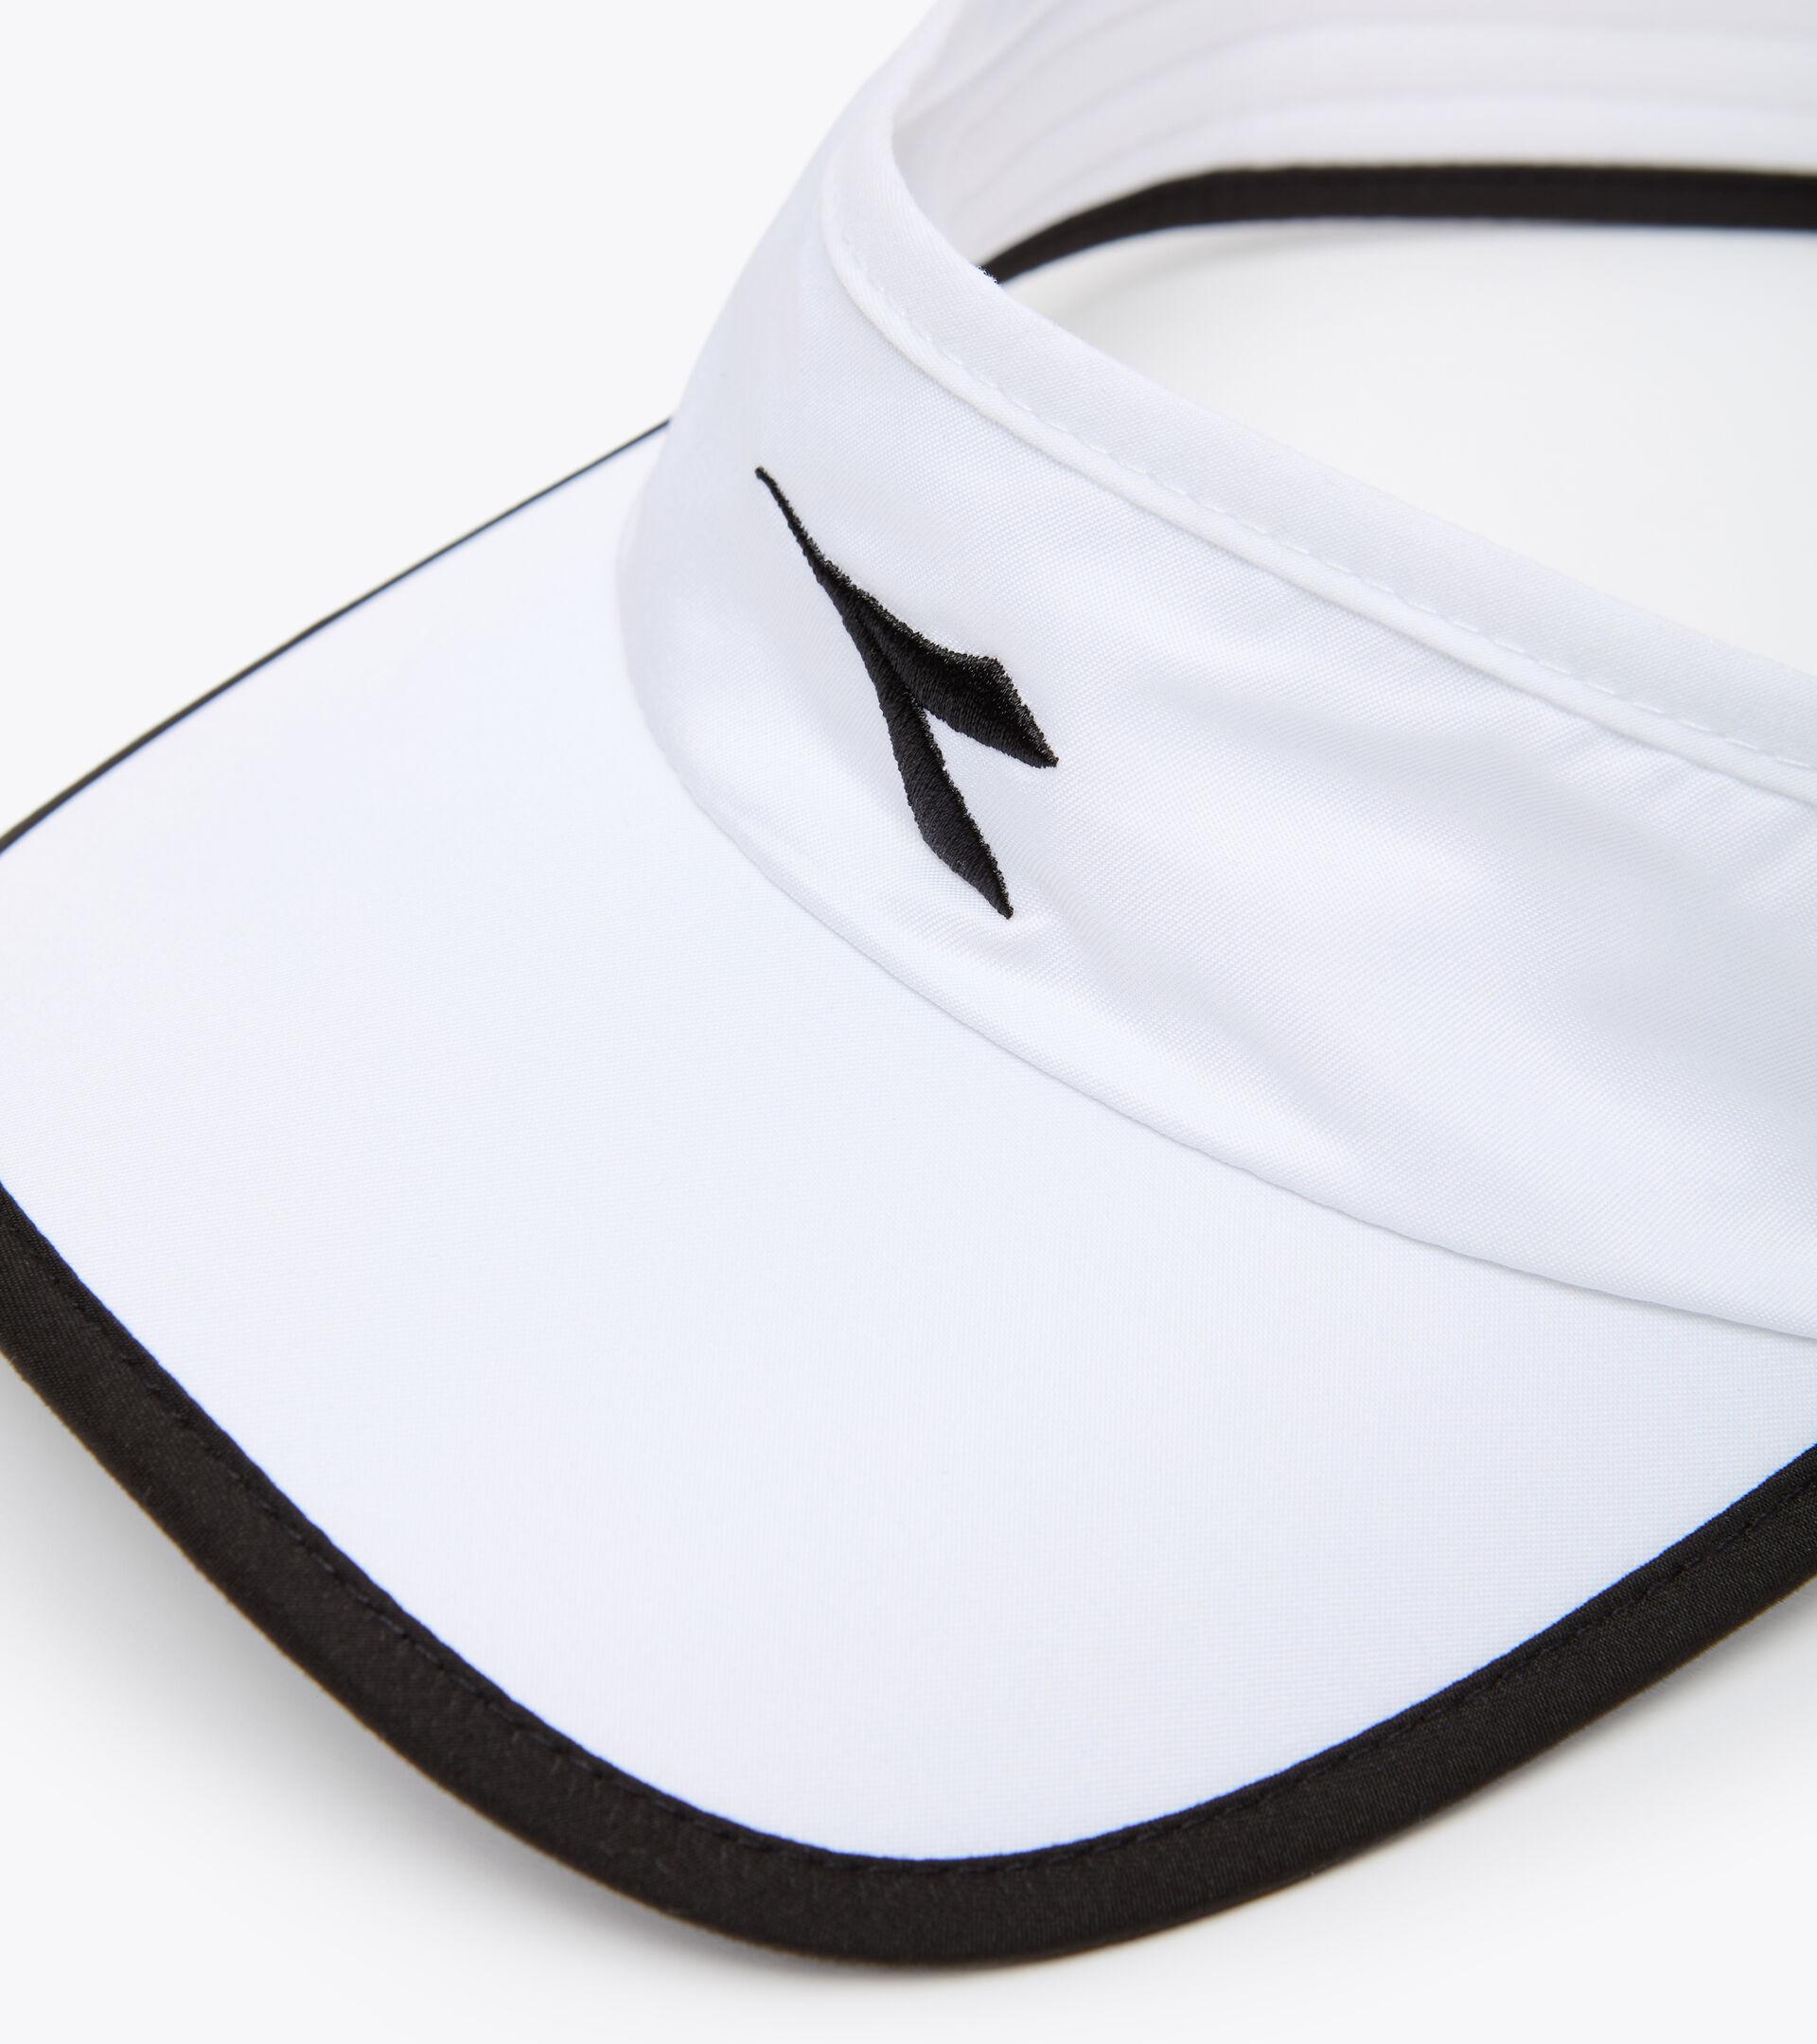 Tennisschirm - Unisex VISOR WEISS/SCHWARZ - Diadora